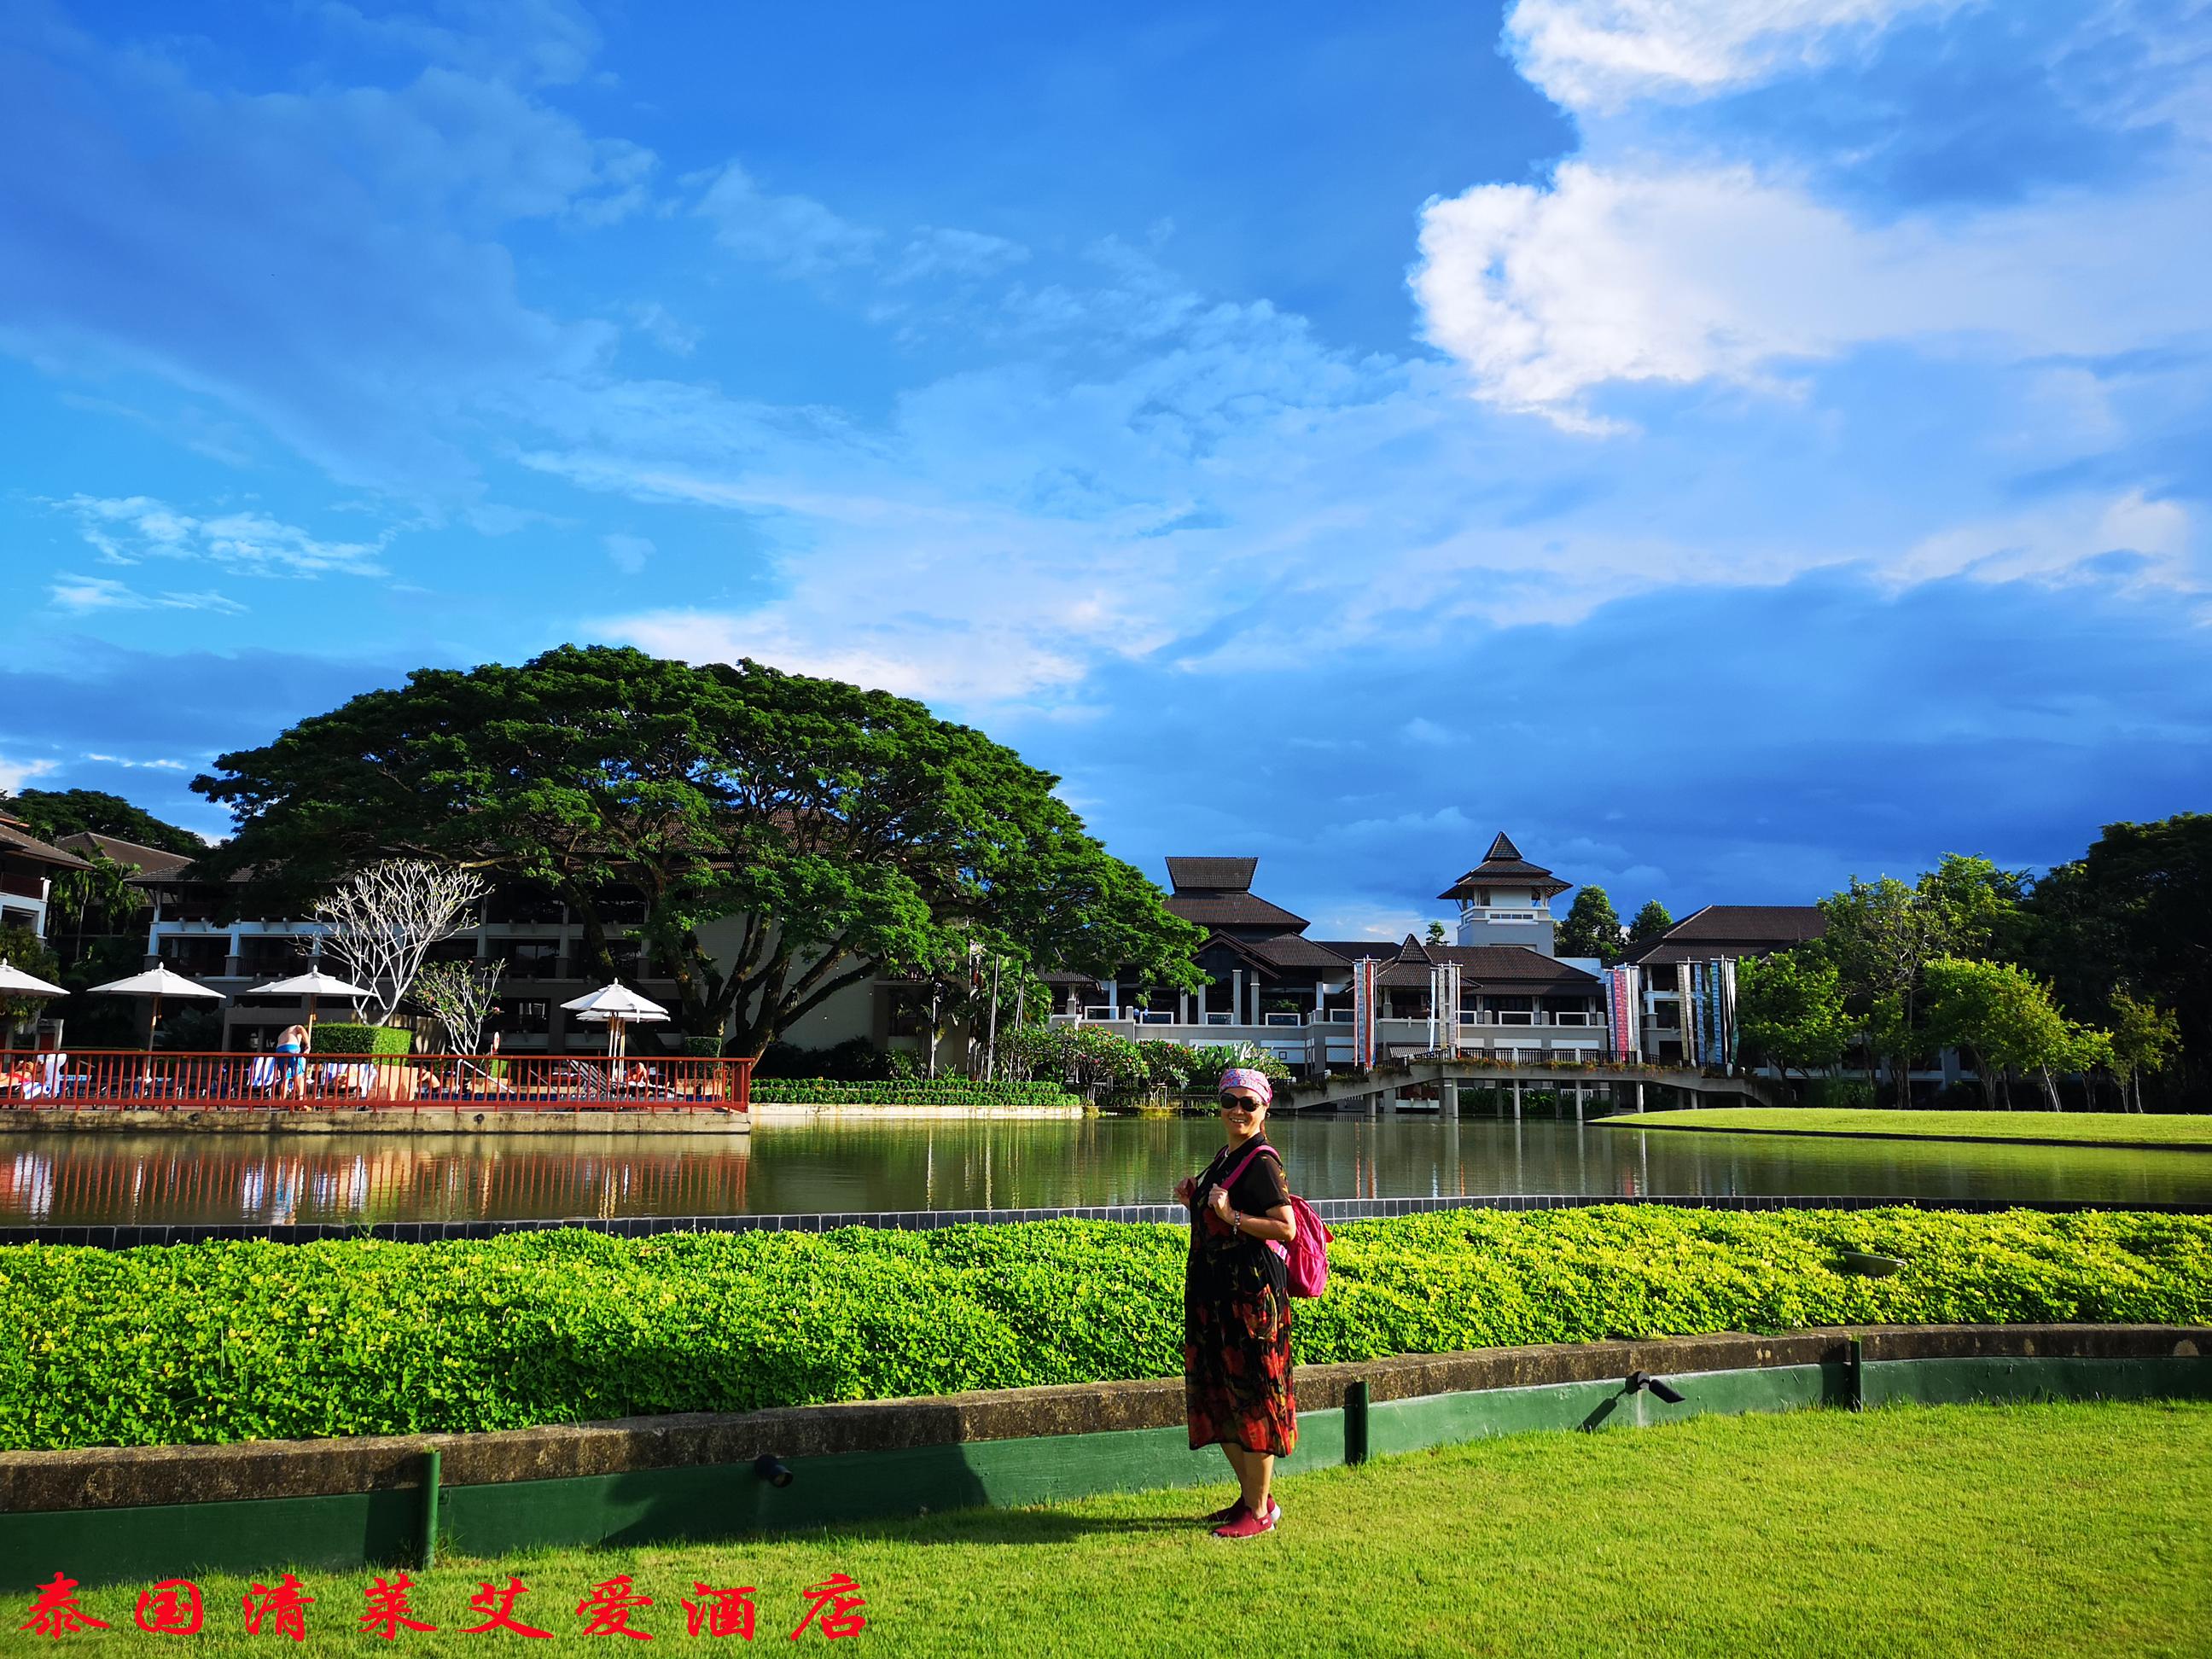 泰国清莱艾爱酒店的风景太美了!